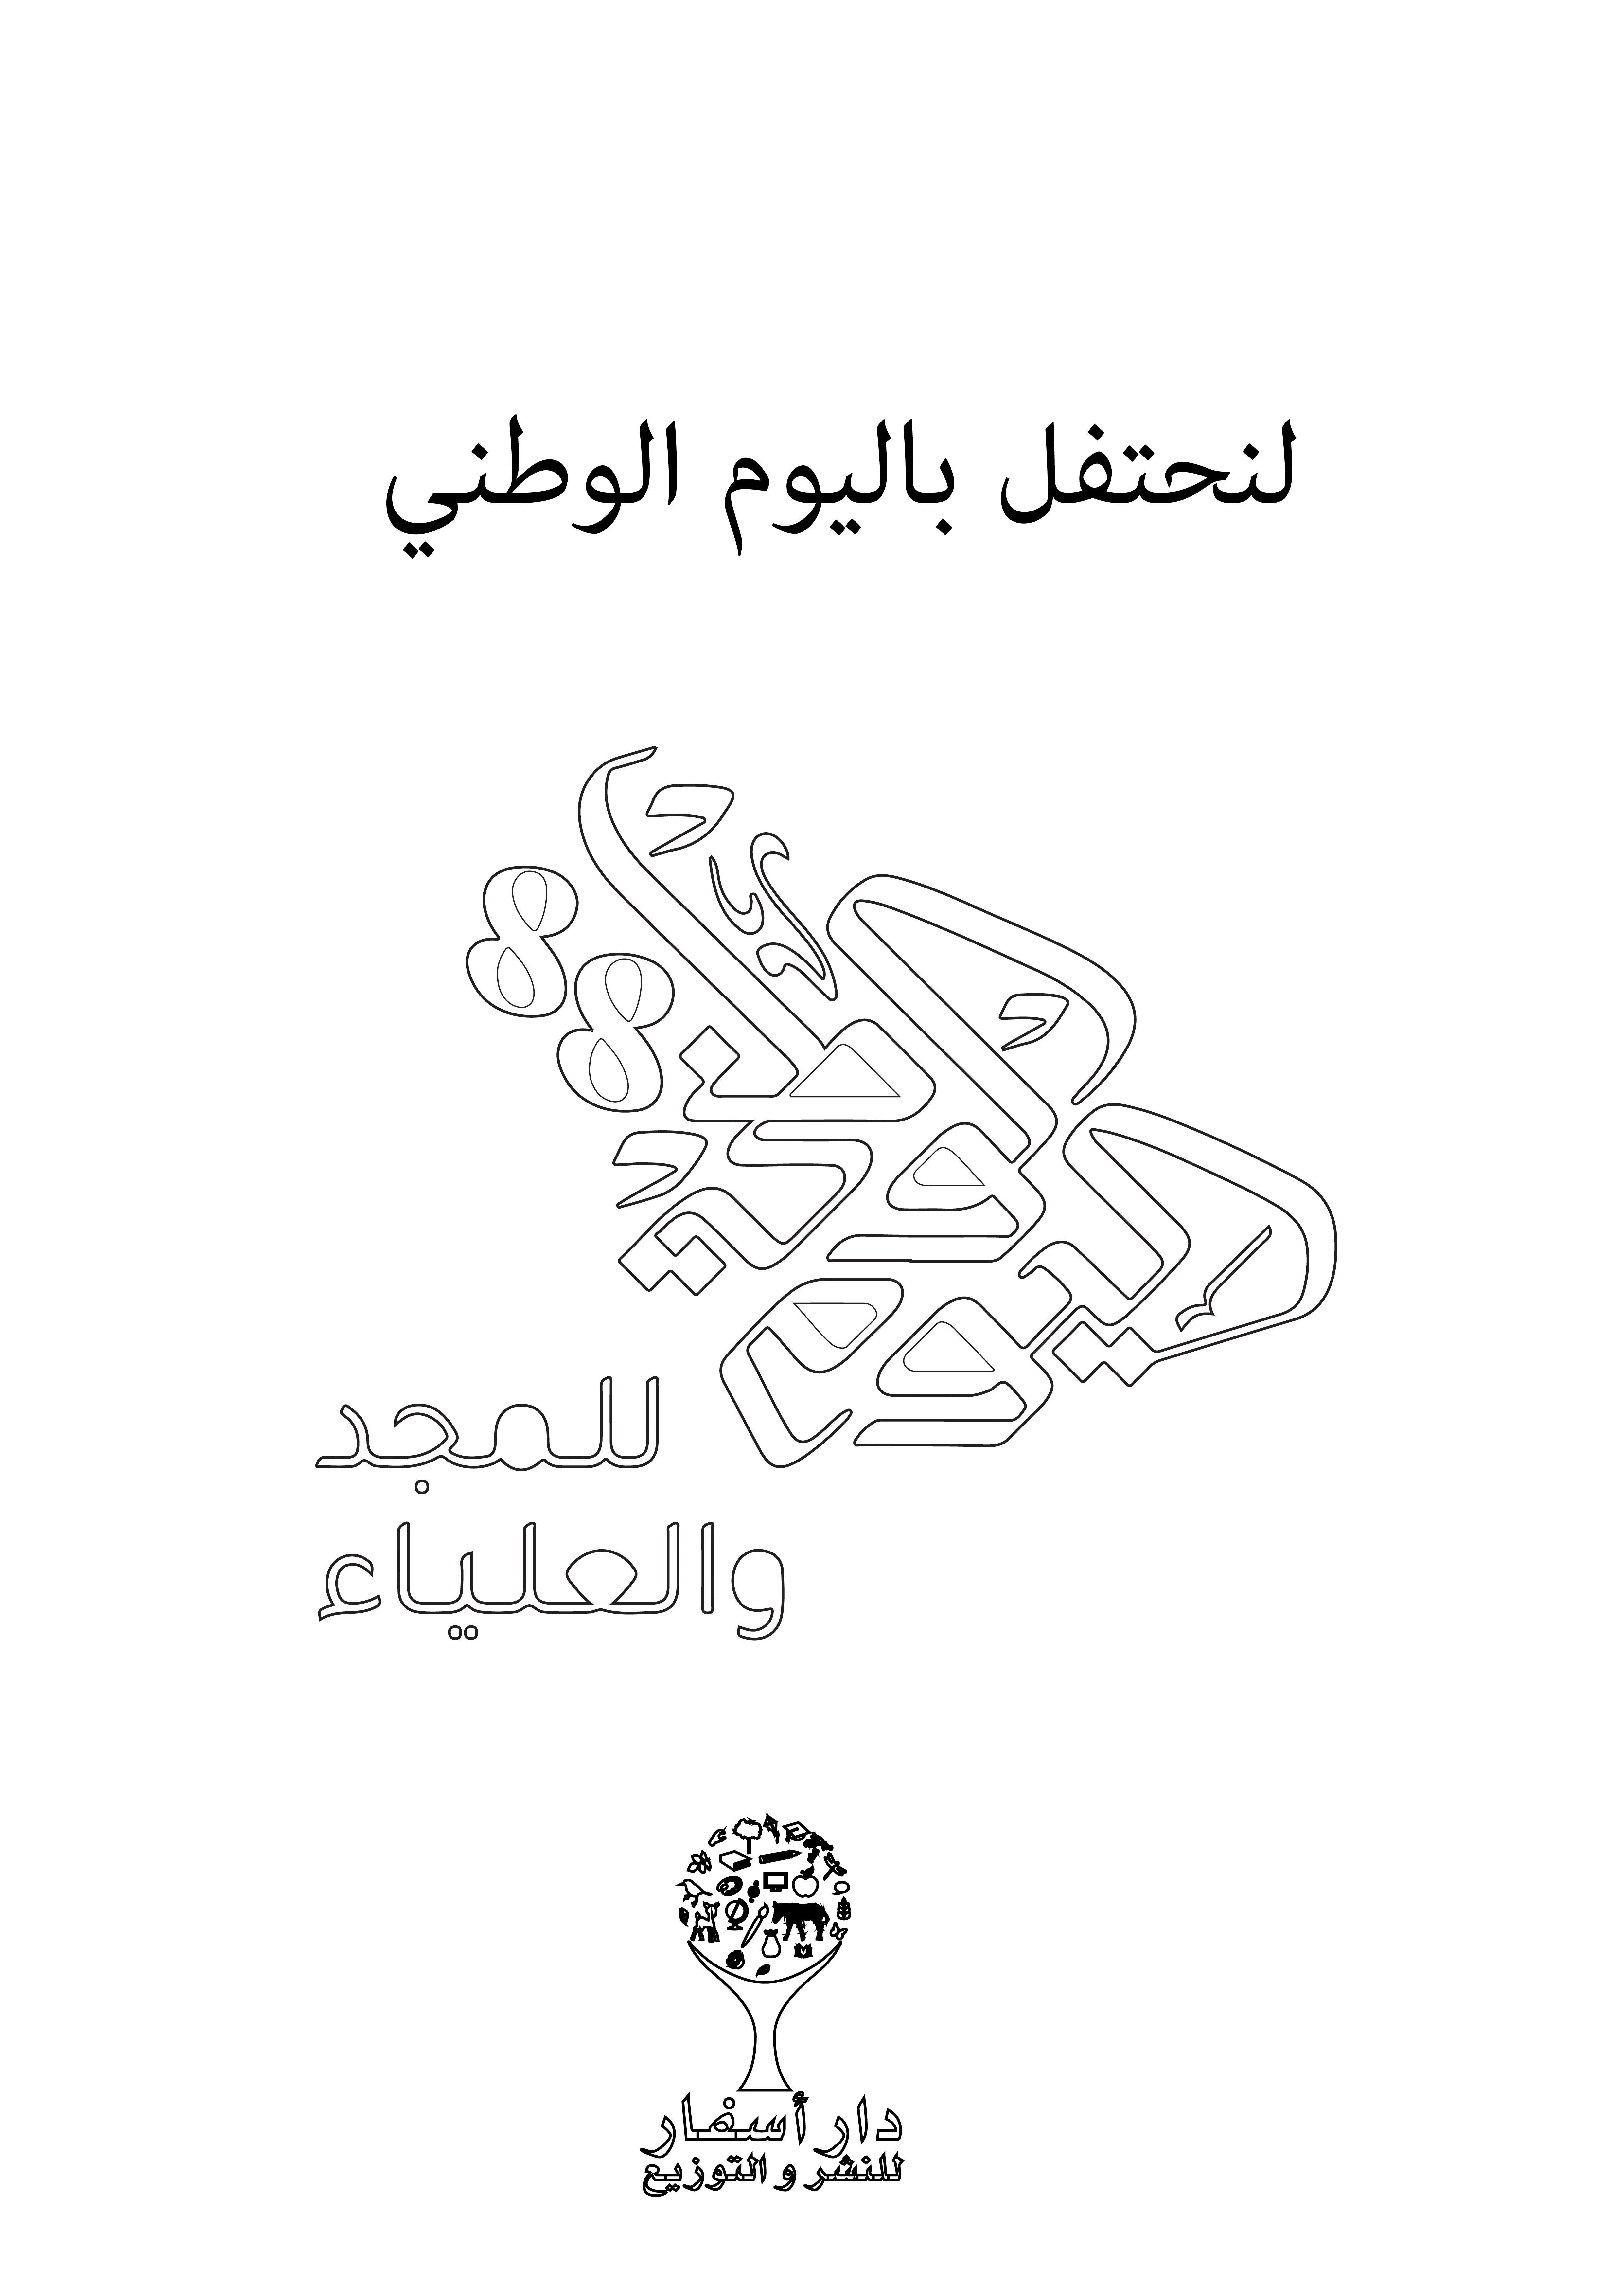 أنشطة اليوم الوطني السعودي لنحتفل باليوم الوطني كتيب أنشطة للأطفال هدية من دار أسفار Home Decor Decals Home Decor National Day